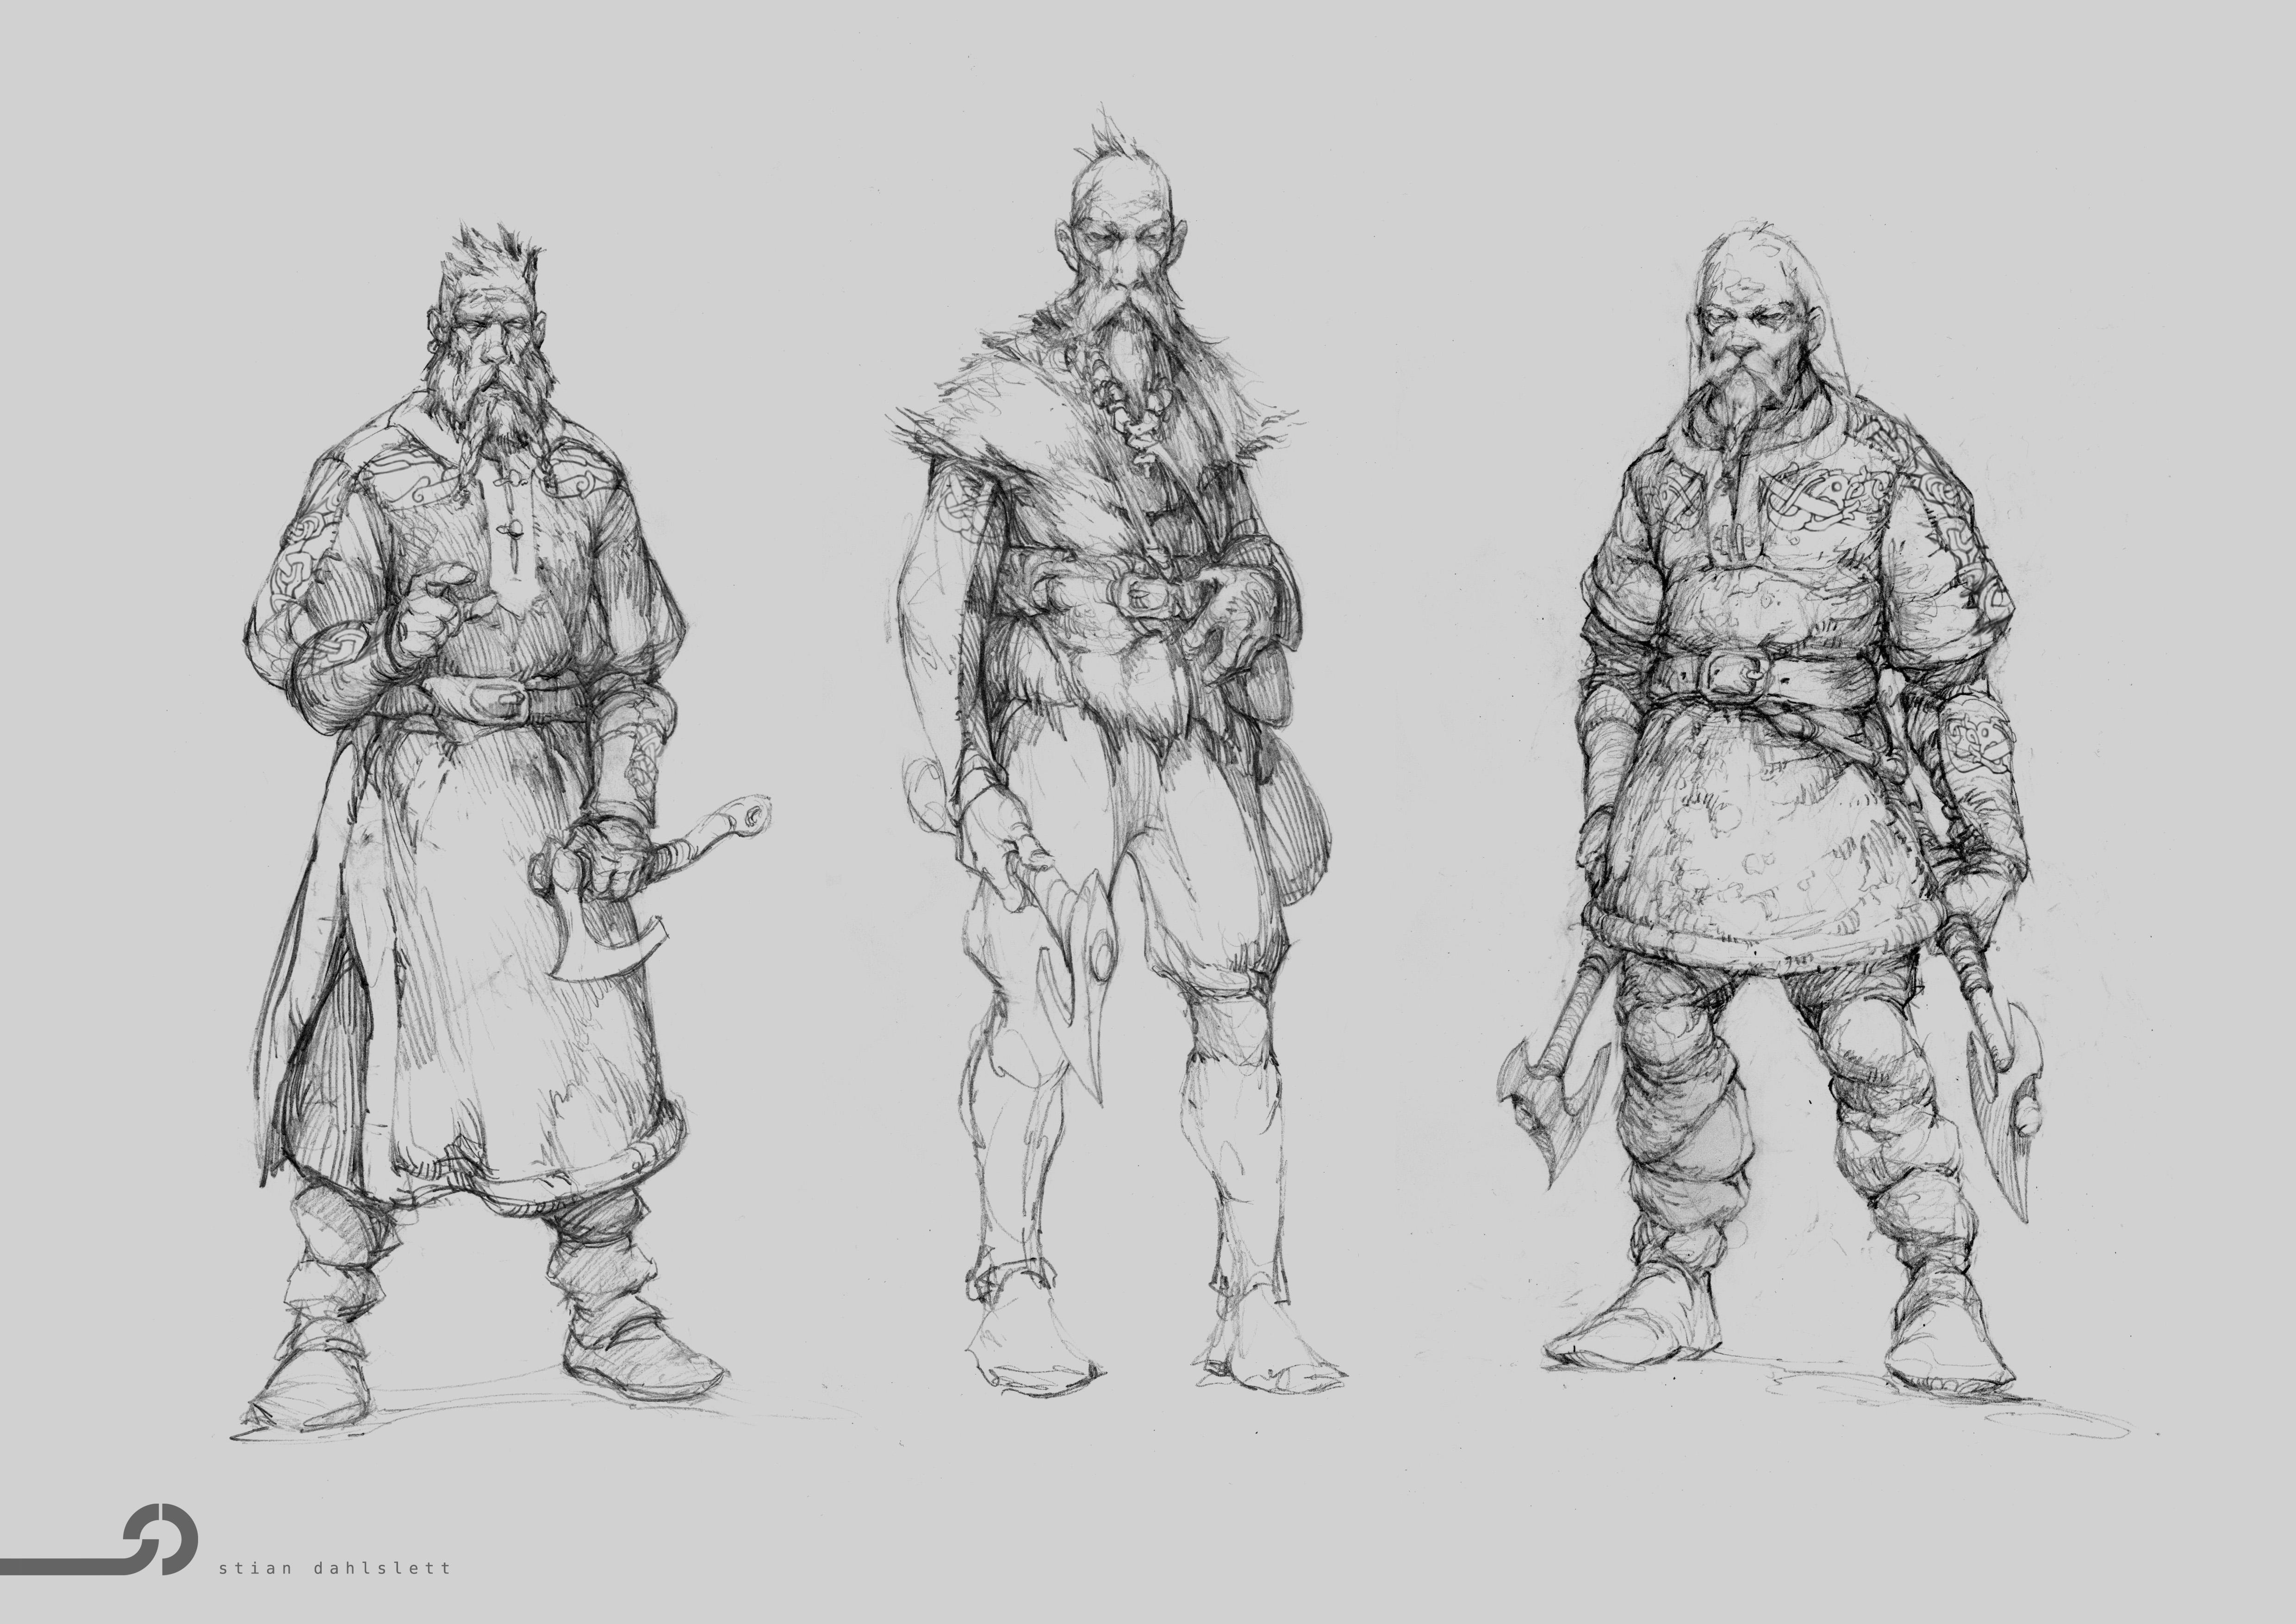 Norse Warriors Going Berserk Thornews